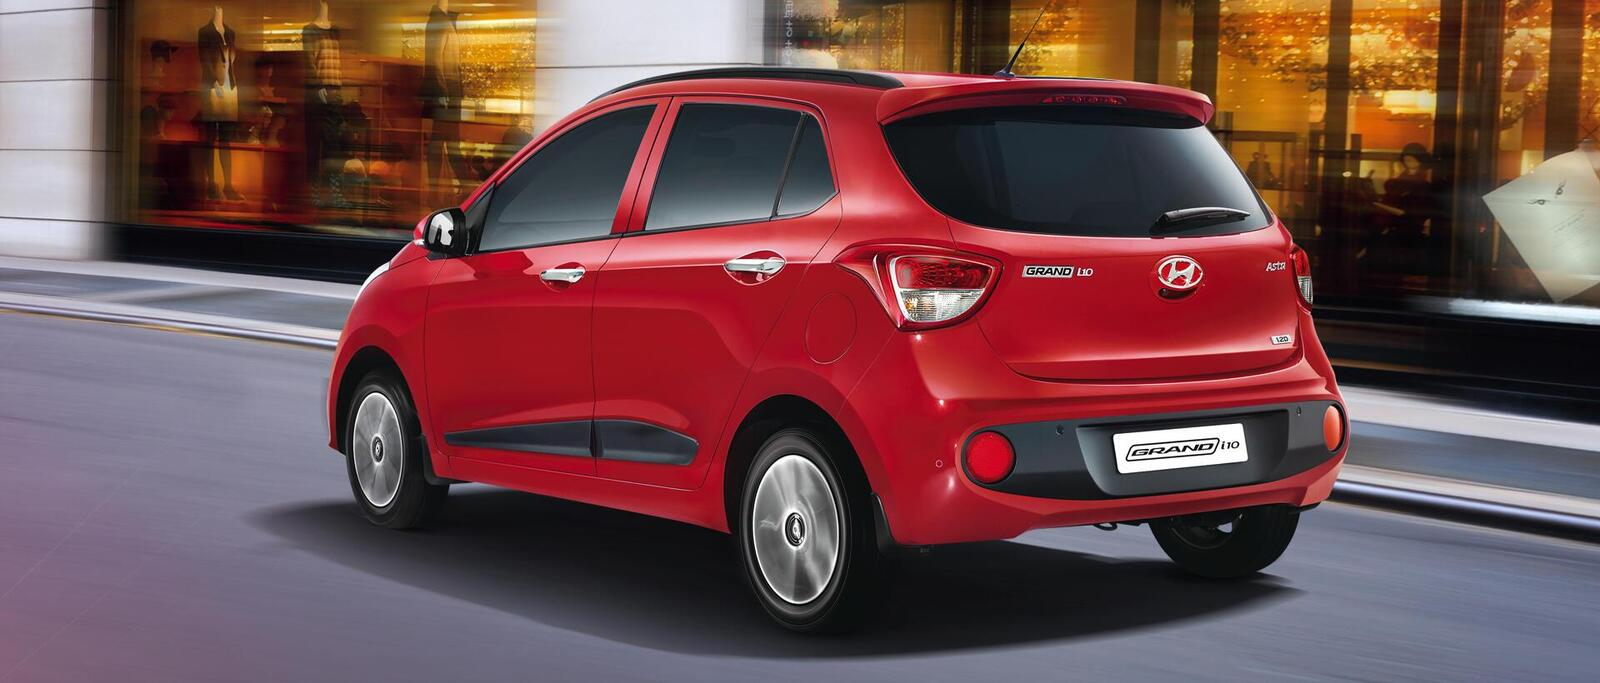 TOP 5 Mẫu Xe Ôtô Chạy Taxi Grab Tốt Nhất Tại Việt Nam -  Hình 4